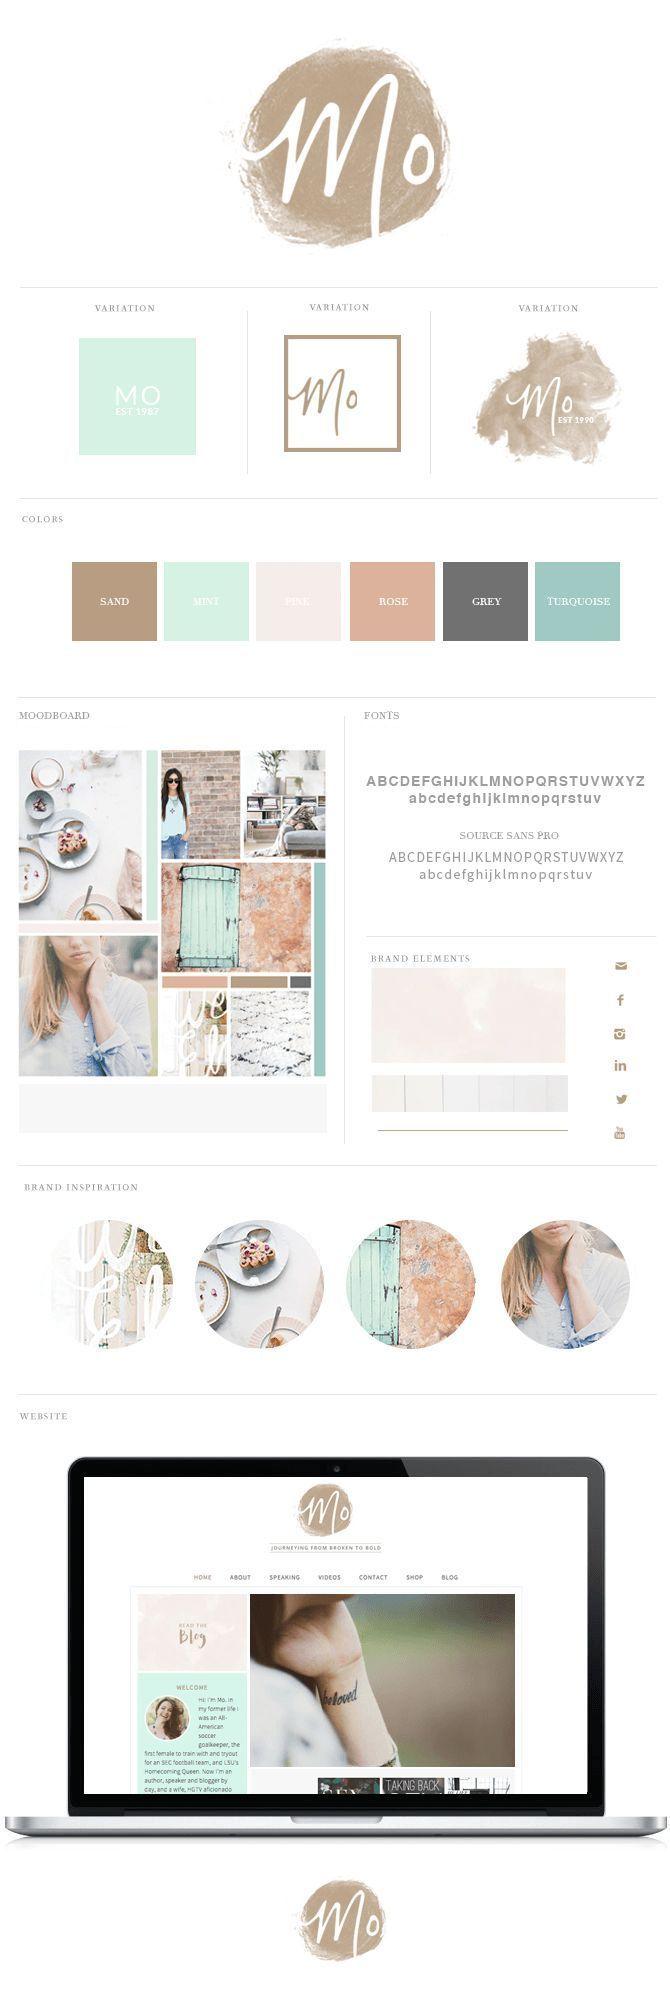 Brand + Website Design for @Mo Isom (www.moisom.com ...